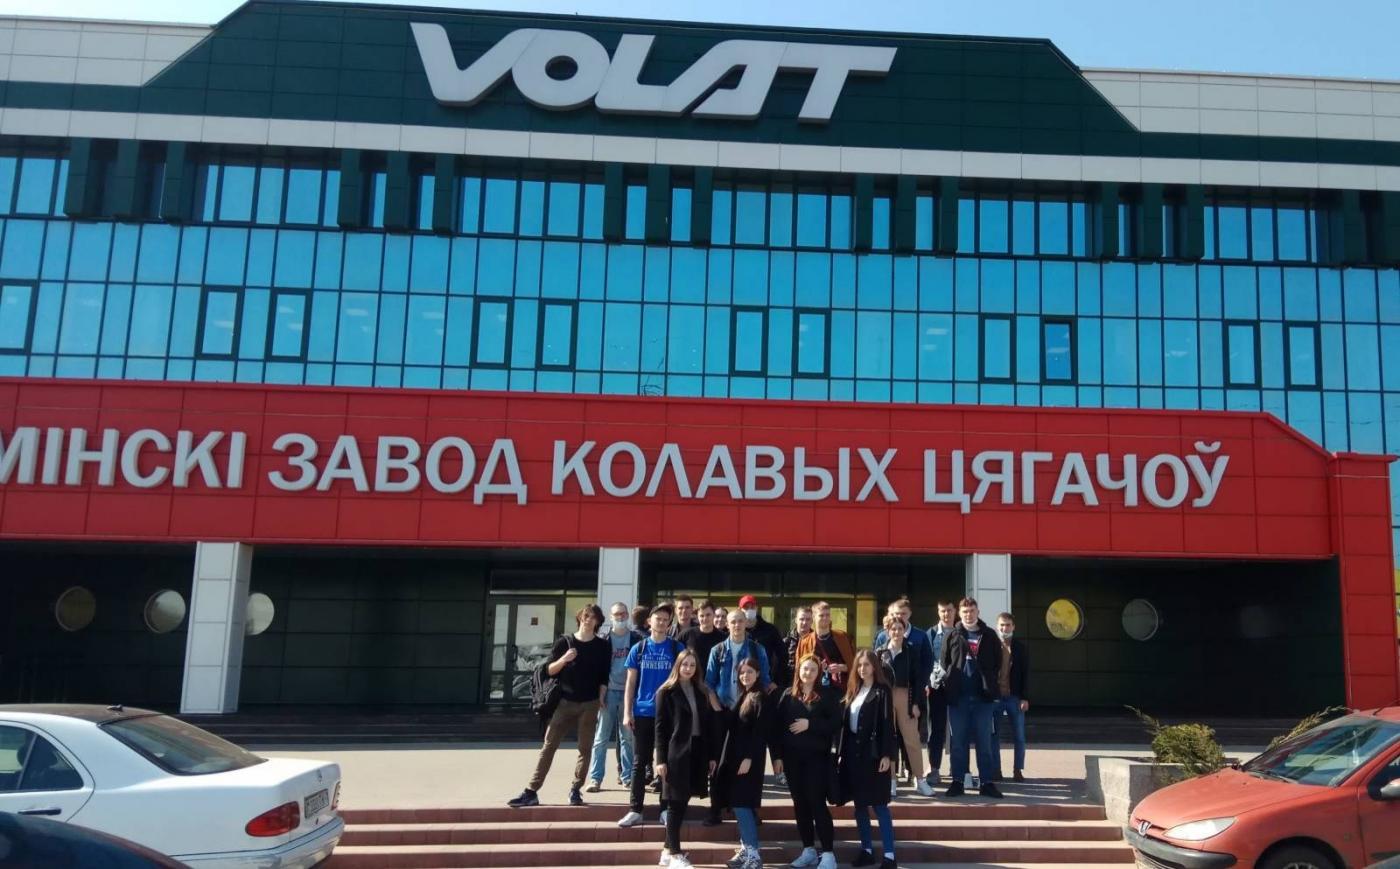 Студенты факультета горного дела и инженерной экологии посетили VOLAT – флагмана отечественного машиностроения